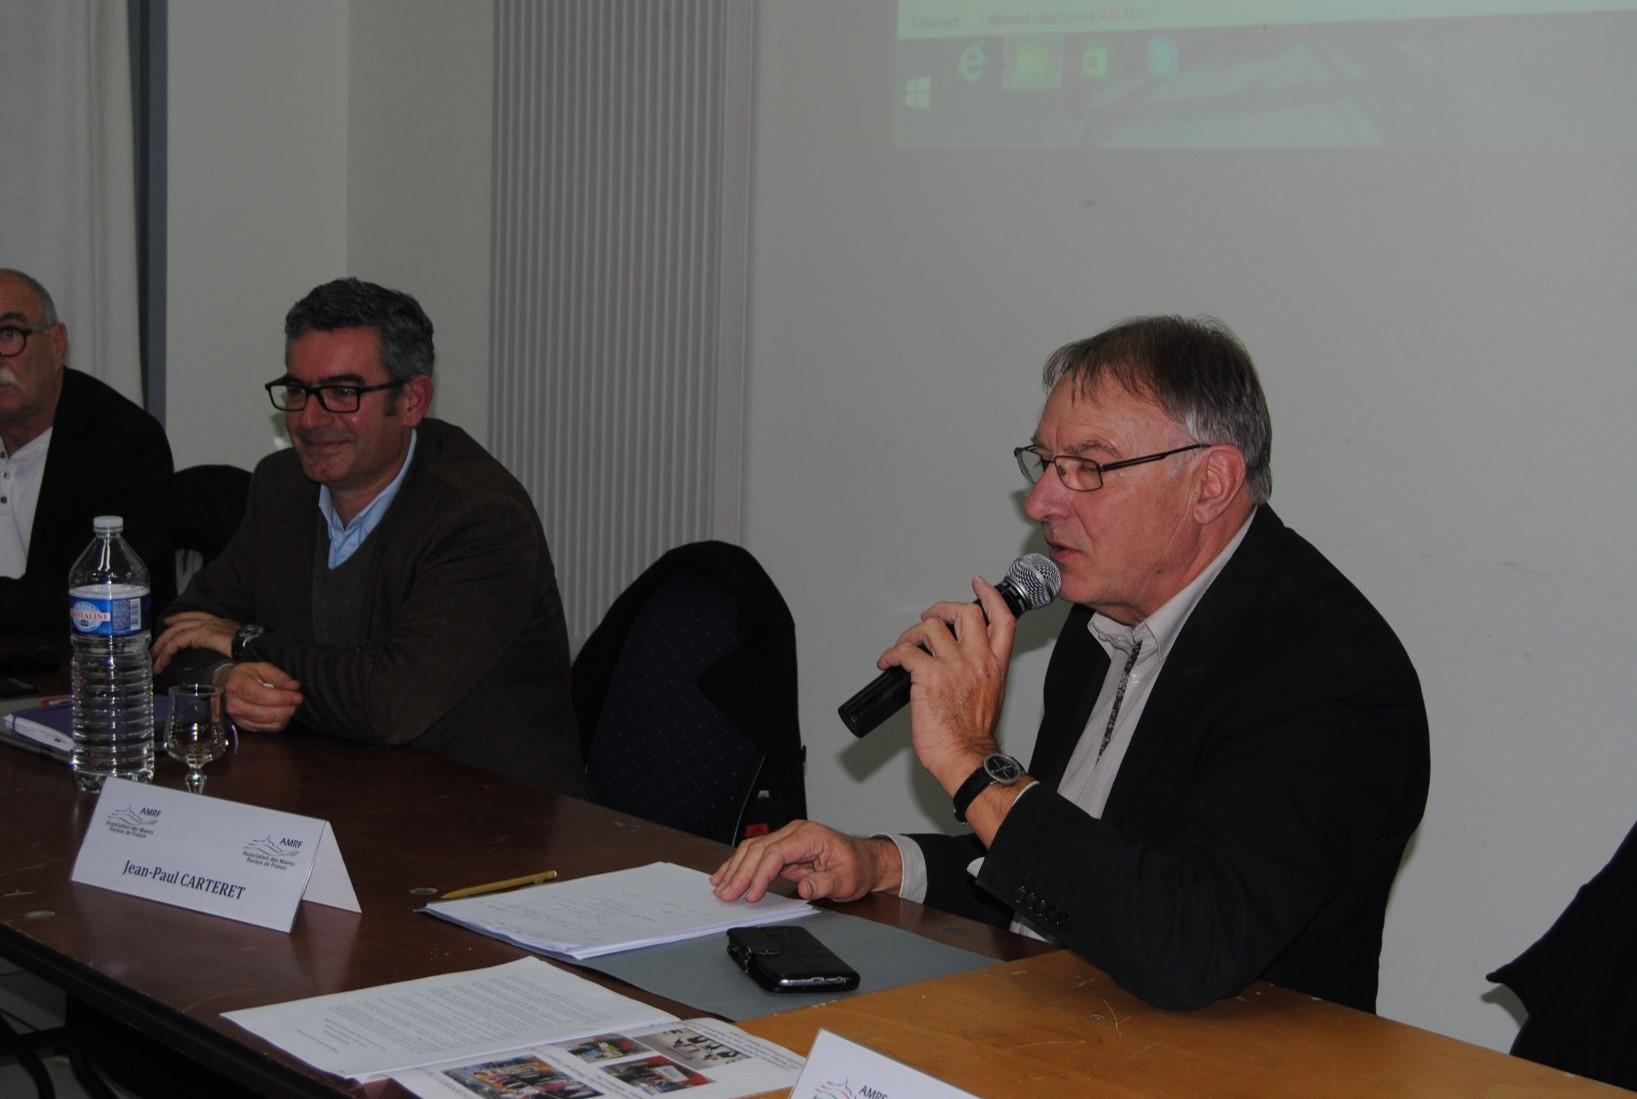 monsieur-carteret-president-departemental